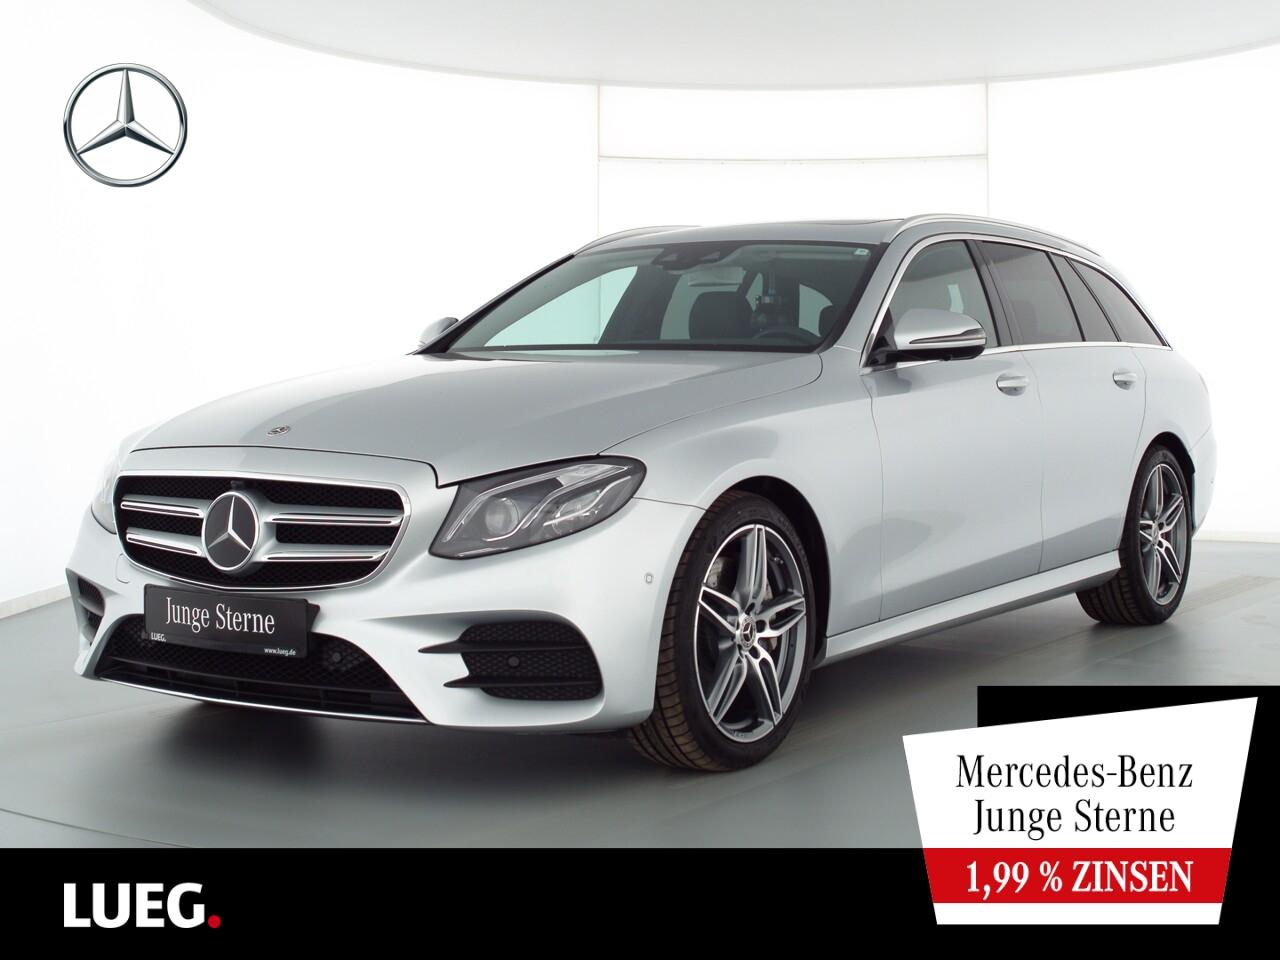 Mercedes-Benz E 350 d T AMG+COM+SHD+Burm+Mbeam+Distr+Sthzg+360, Jahr 2019, Diesel